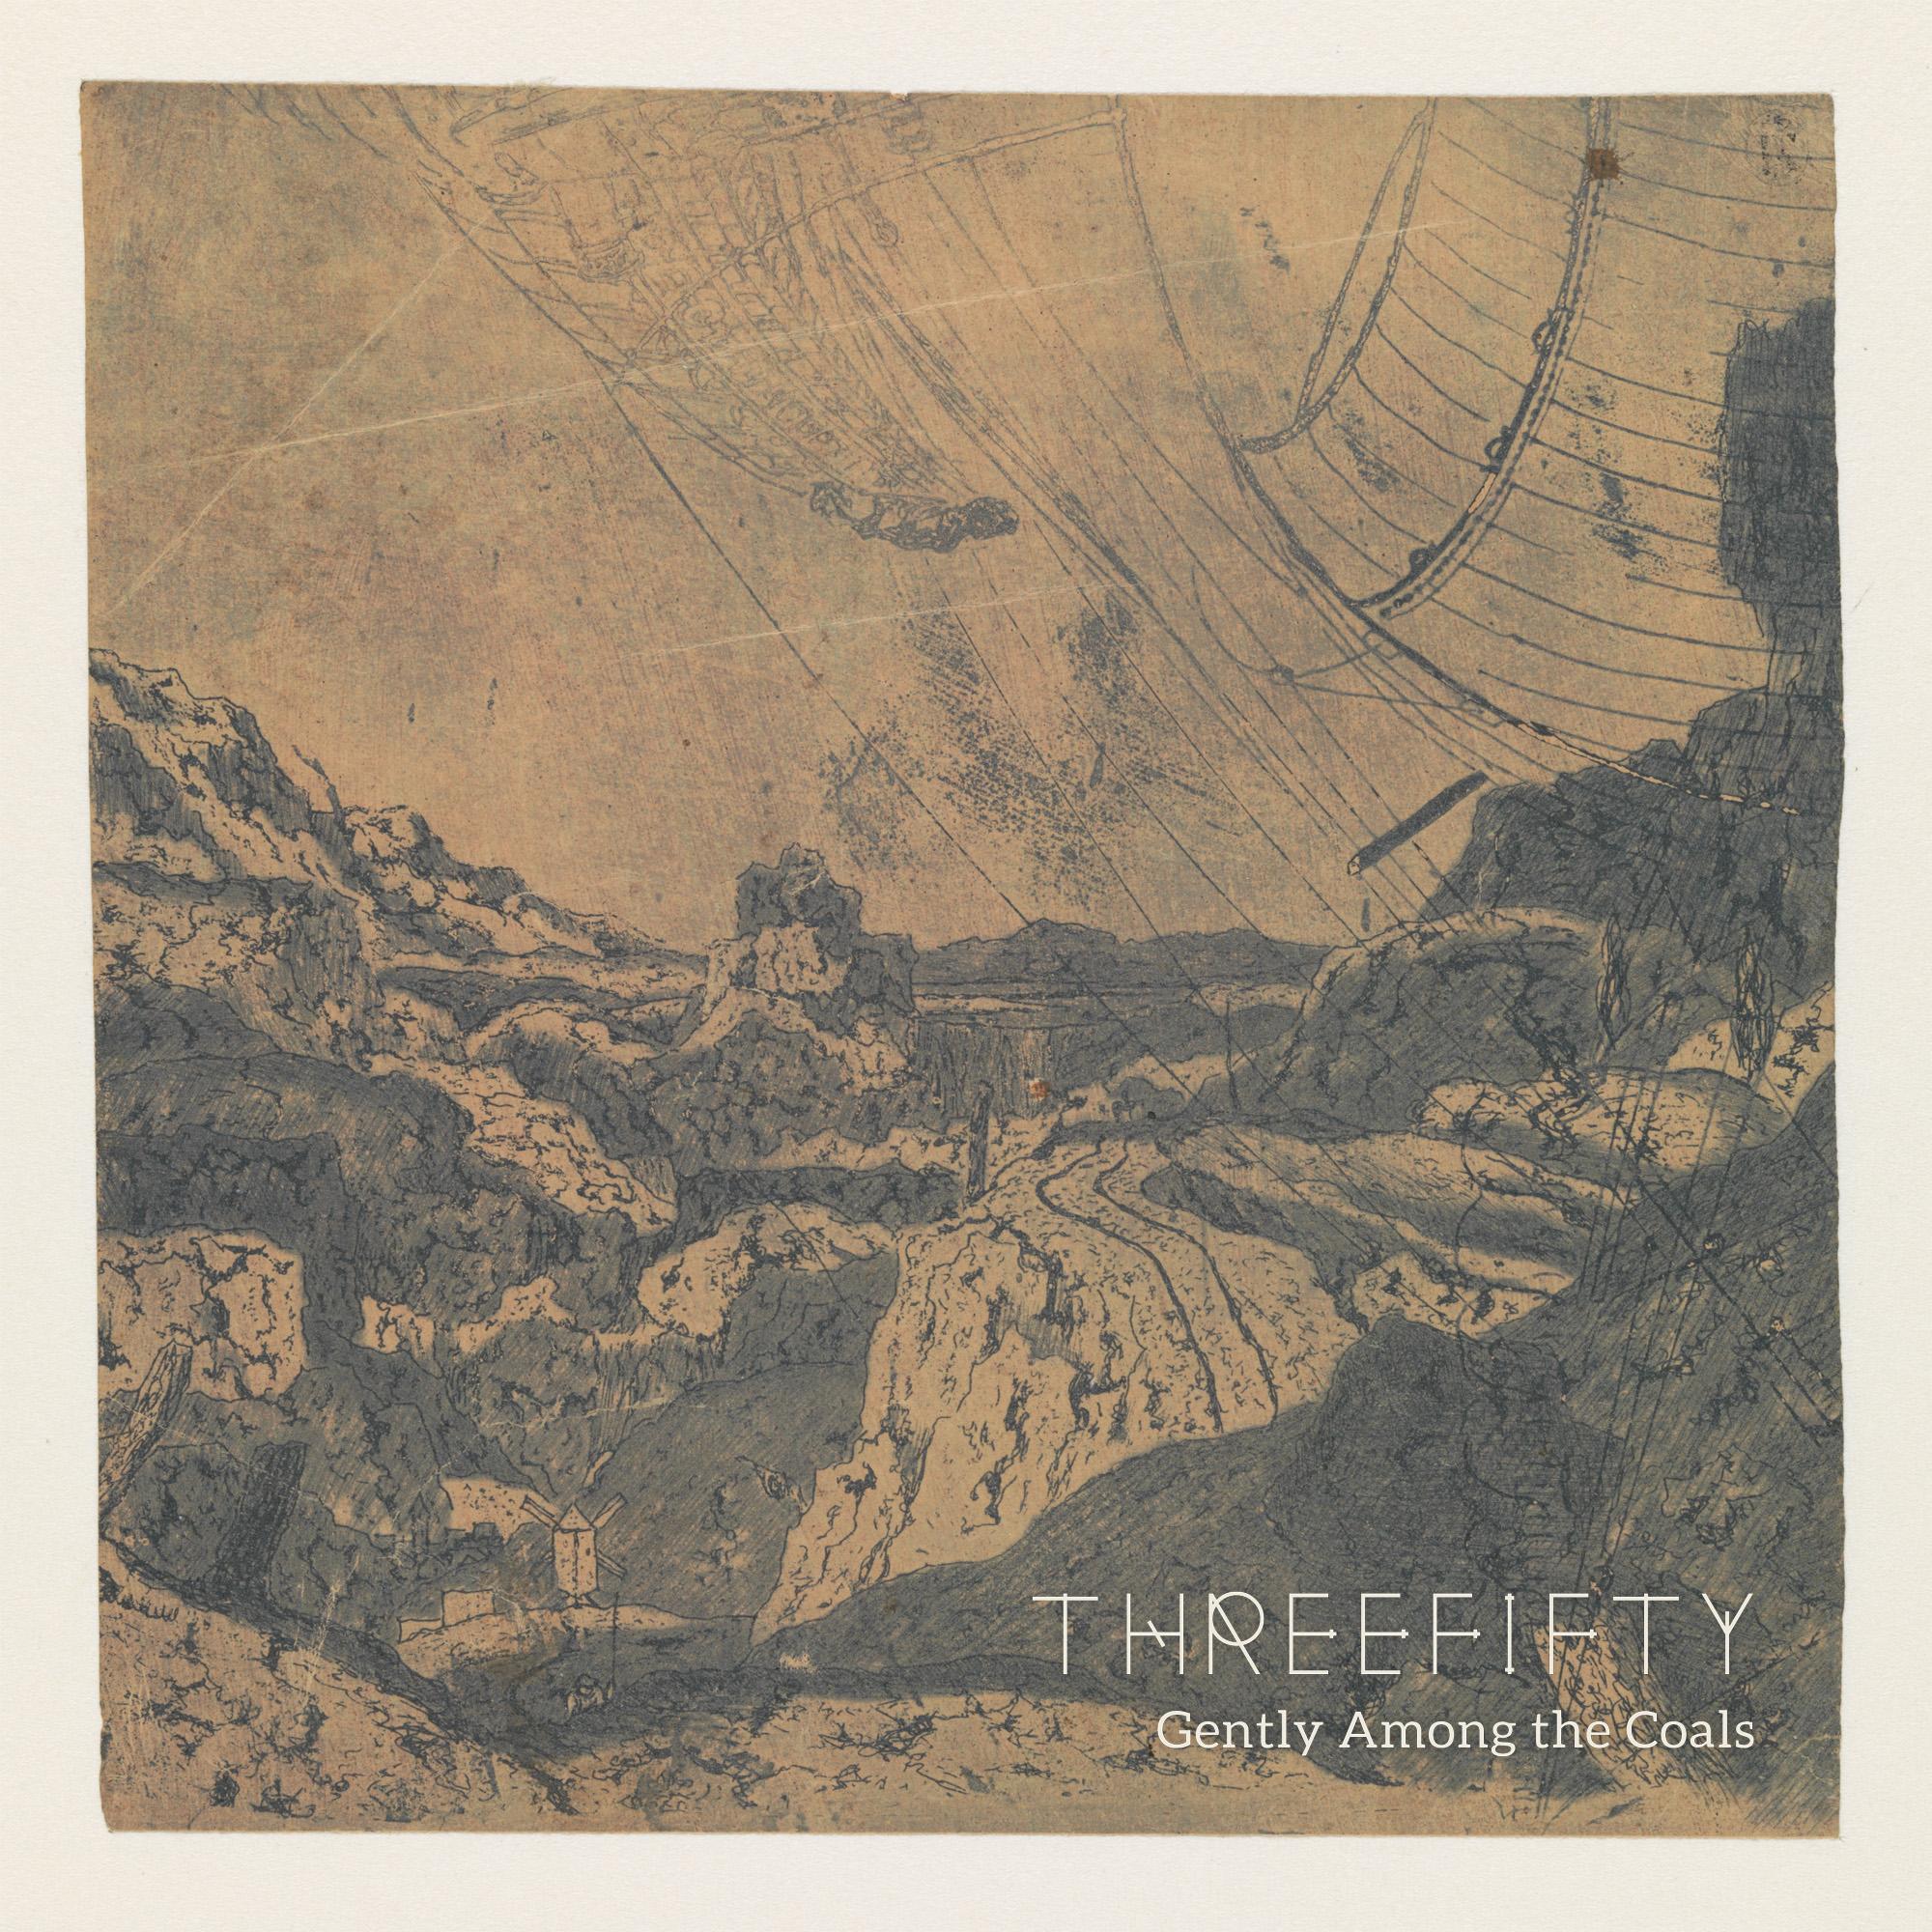 THREEFIFTY – Gently Among the Coals